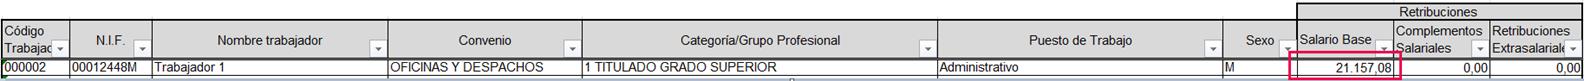 registro salarial obligatorio